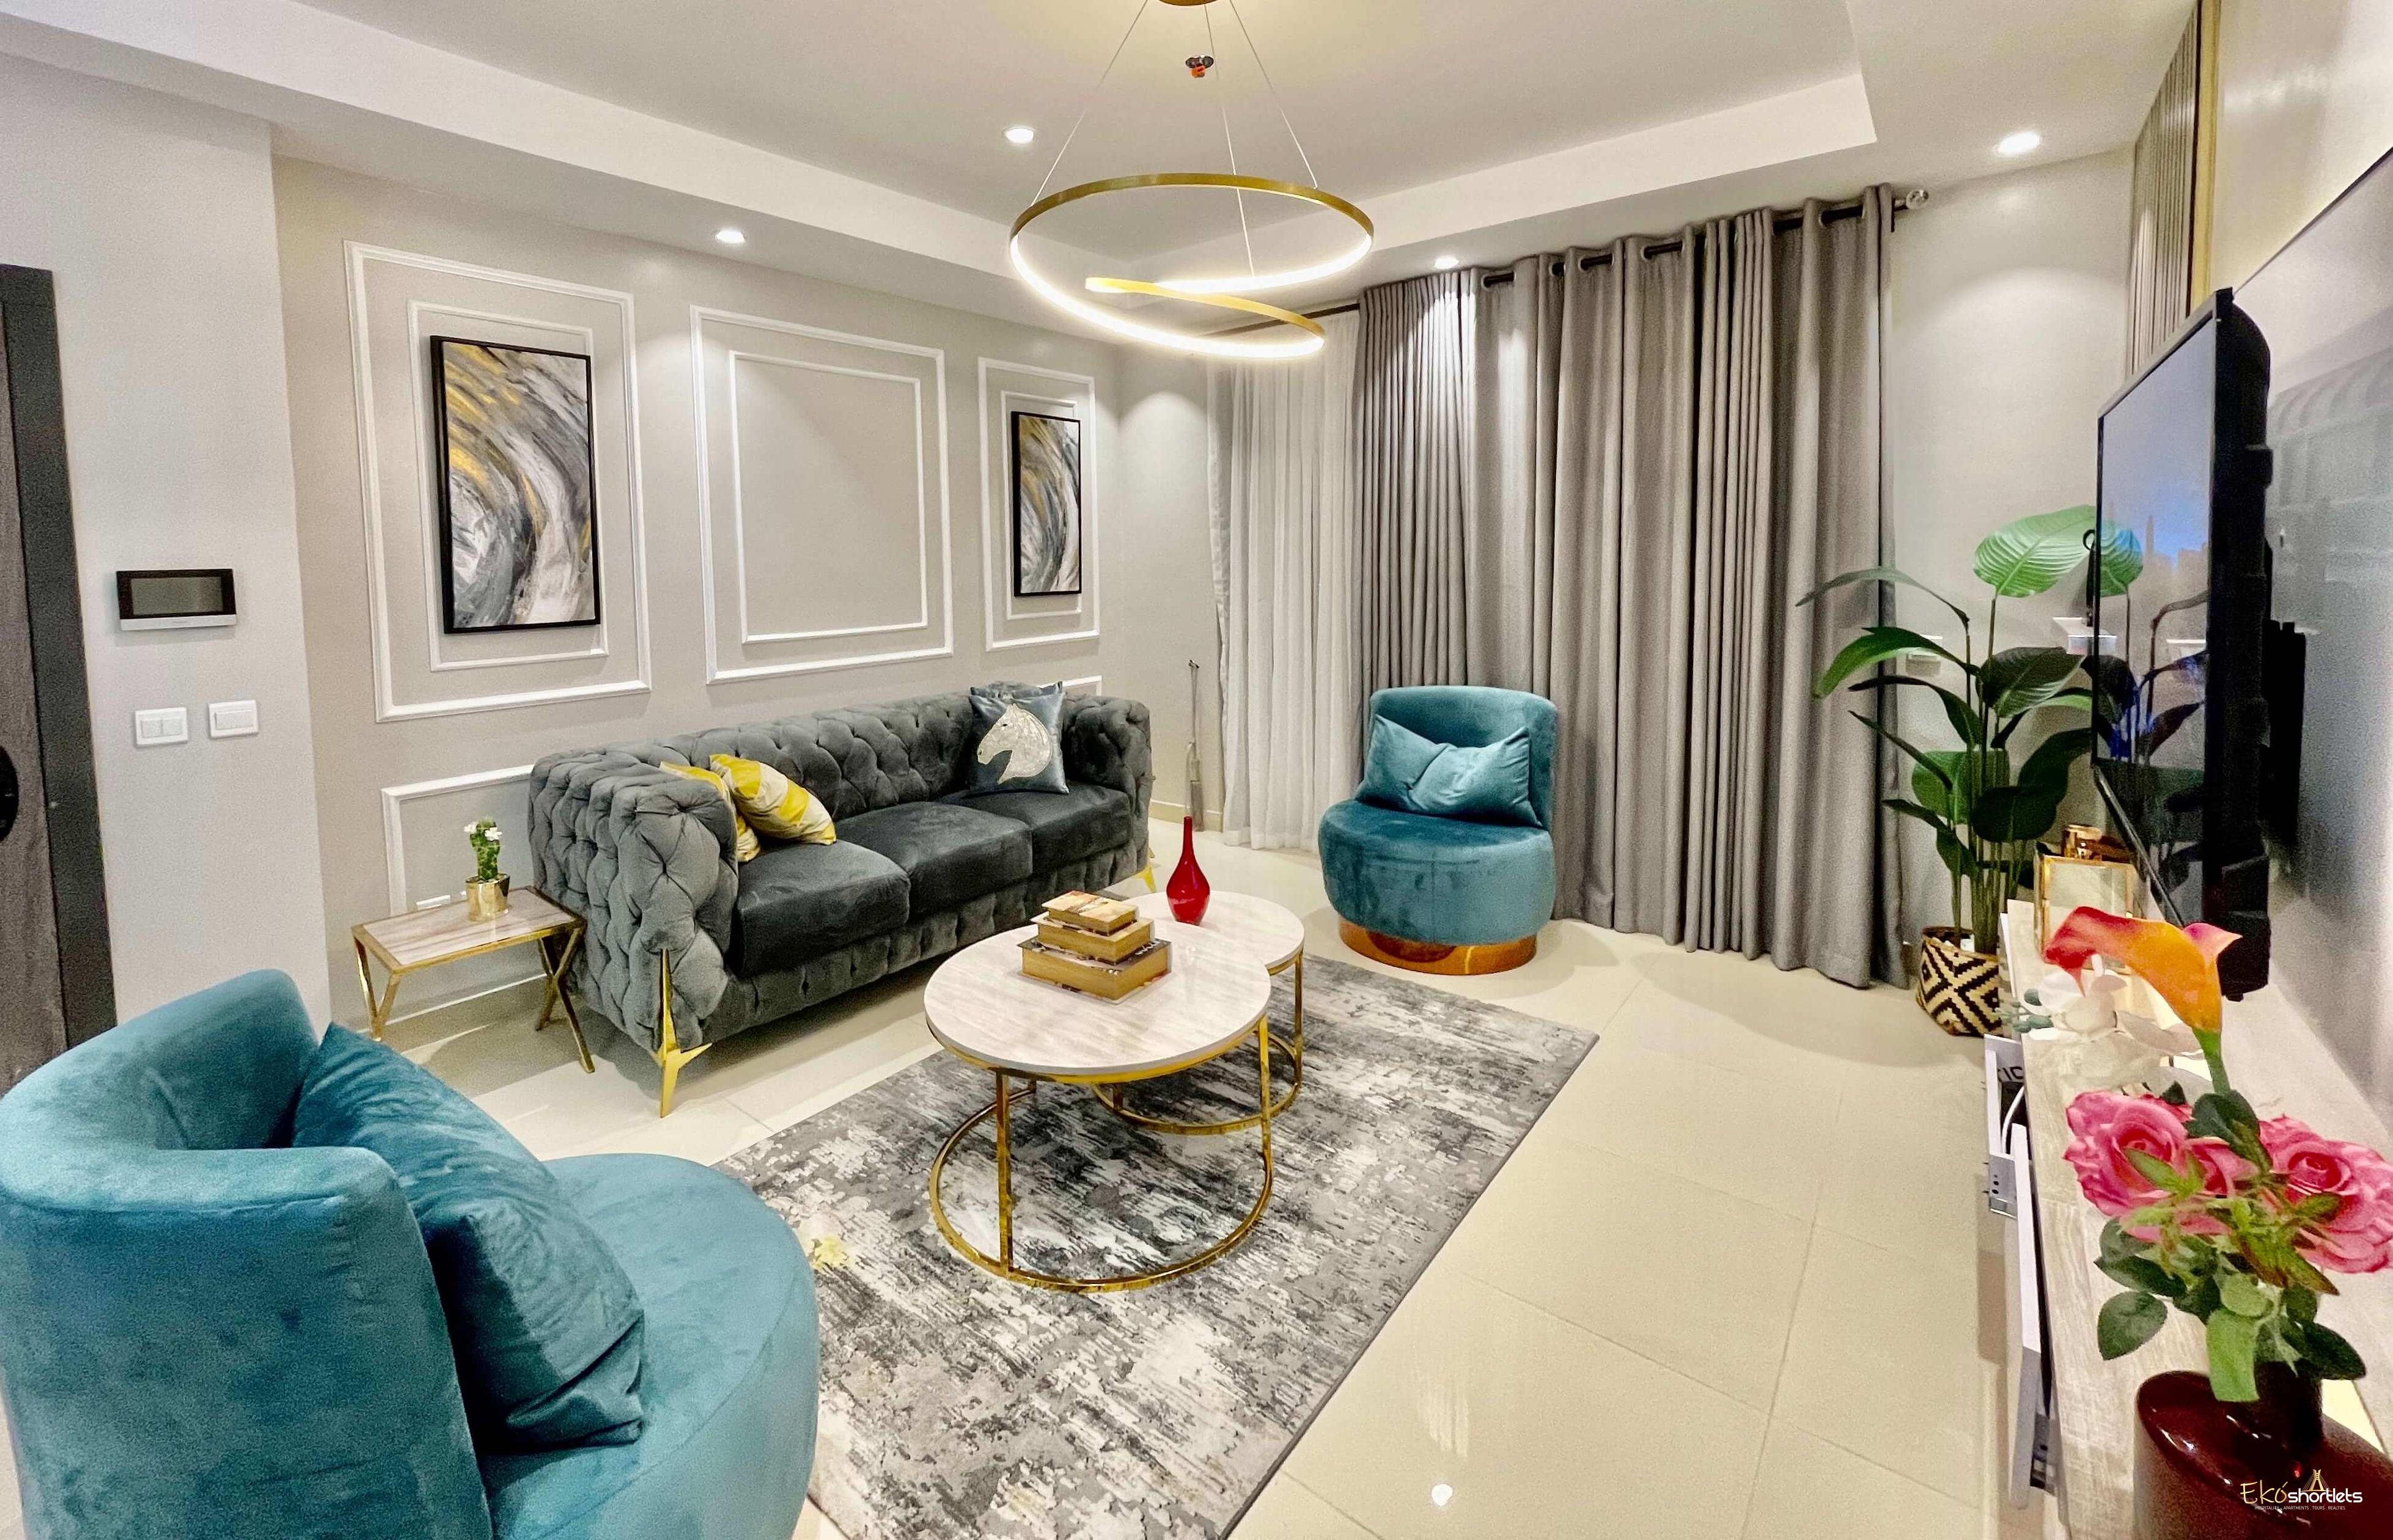 2 Bedroom - 7th Floor - IMK